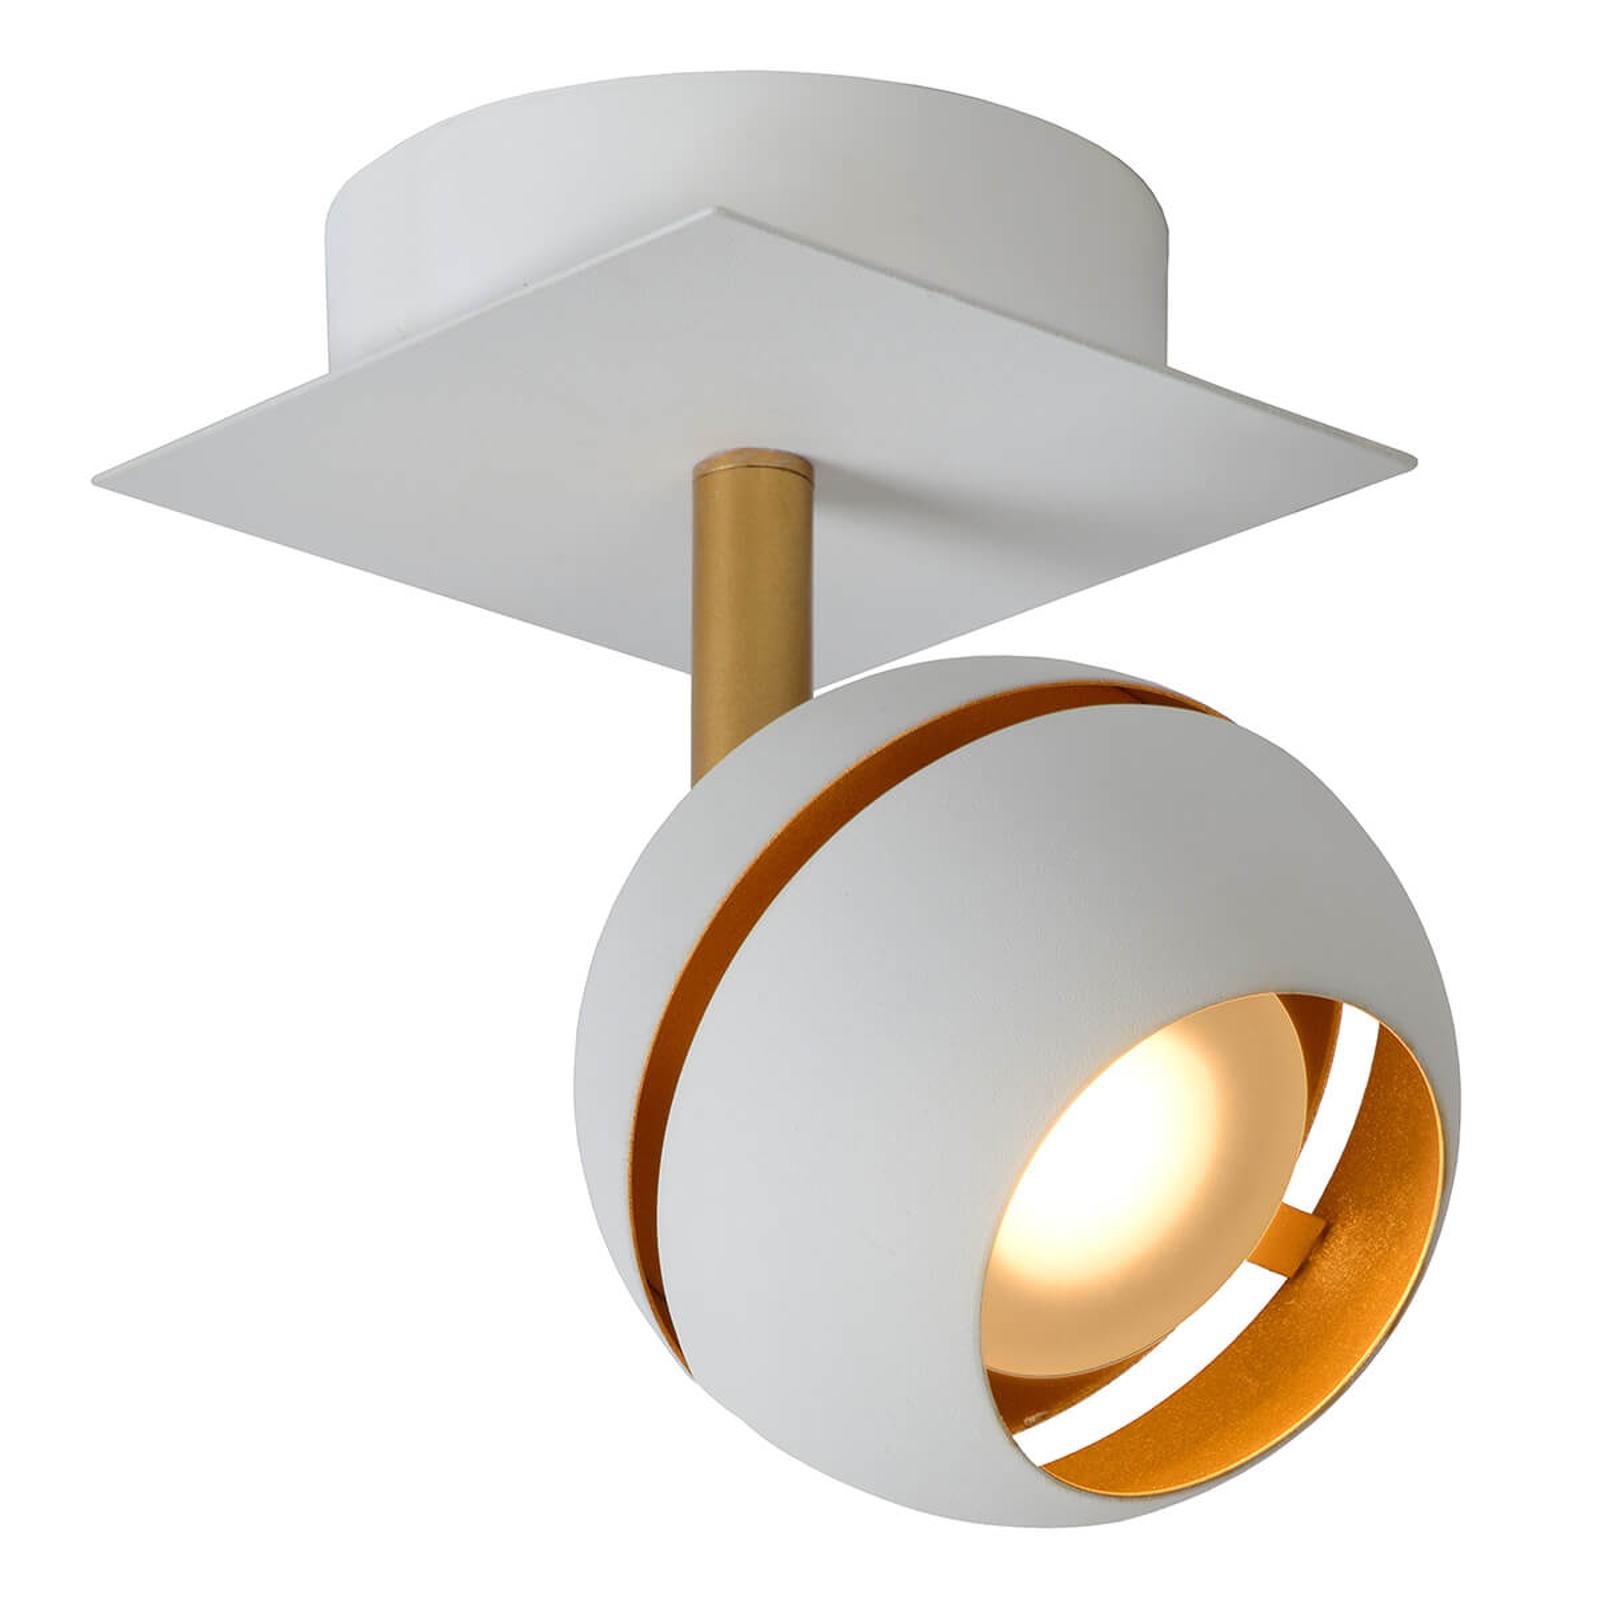 LED-kattokohdevalo Binari, pyöreä, valkoinen